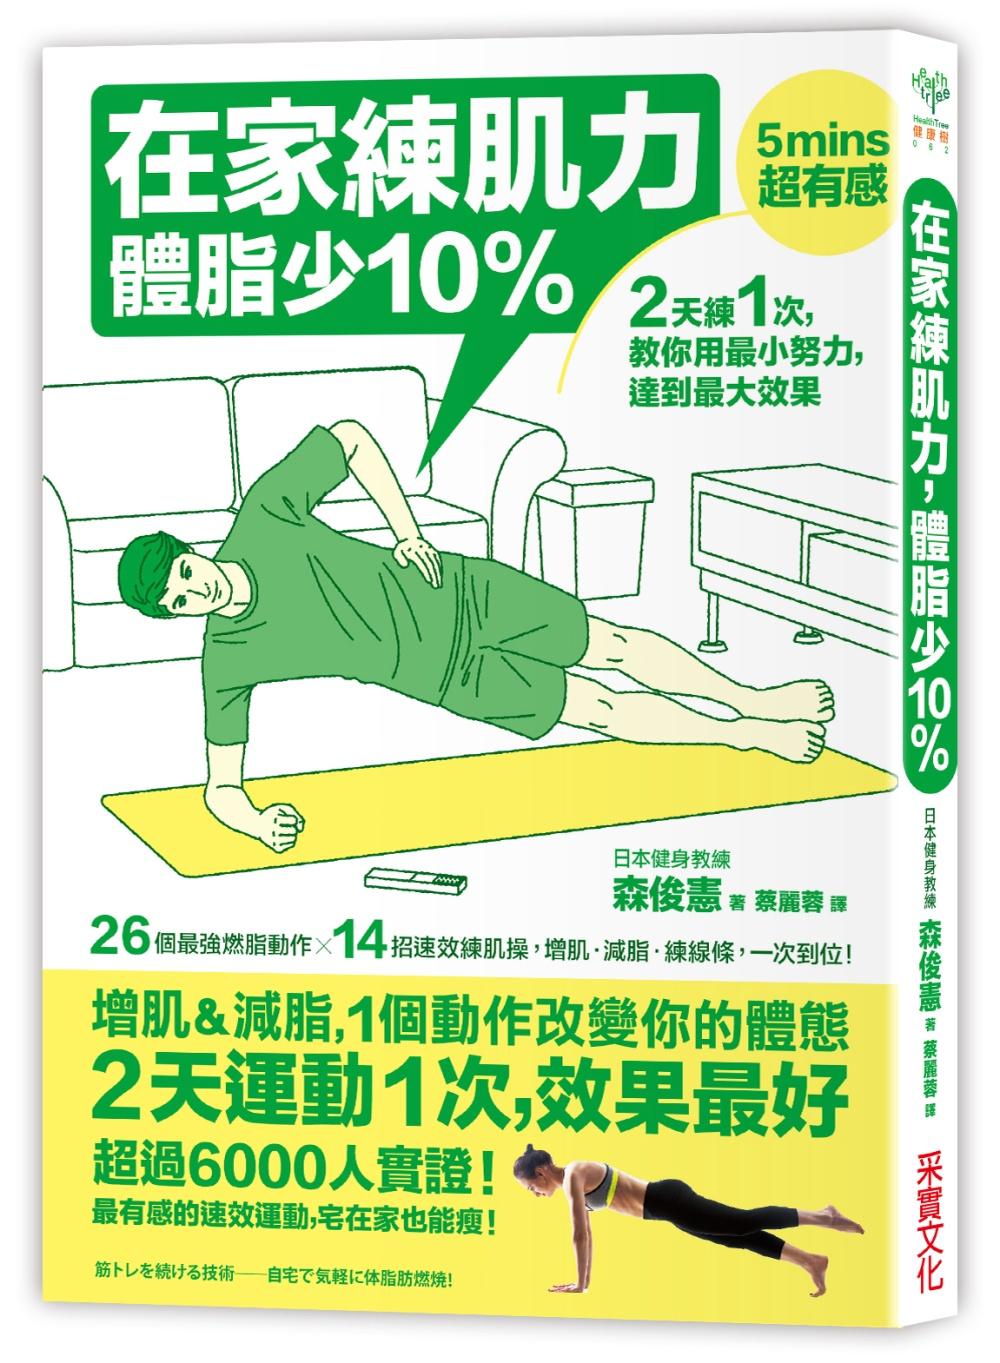 在家練肌力,體脂少10%:2天練1次,效果最好!26個燃脂動作X 14組速效練肌操,增肌‧減脂‧練線條,一次到位!